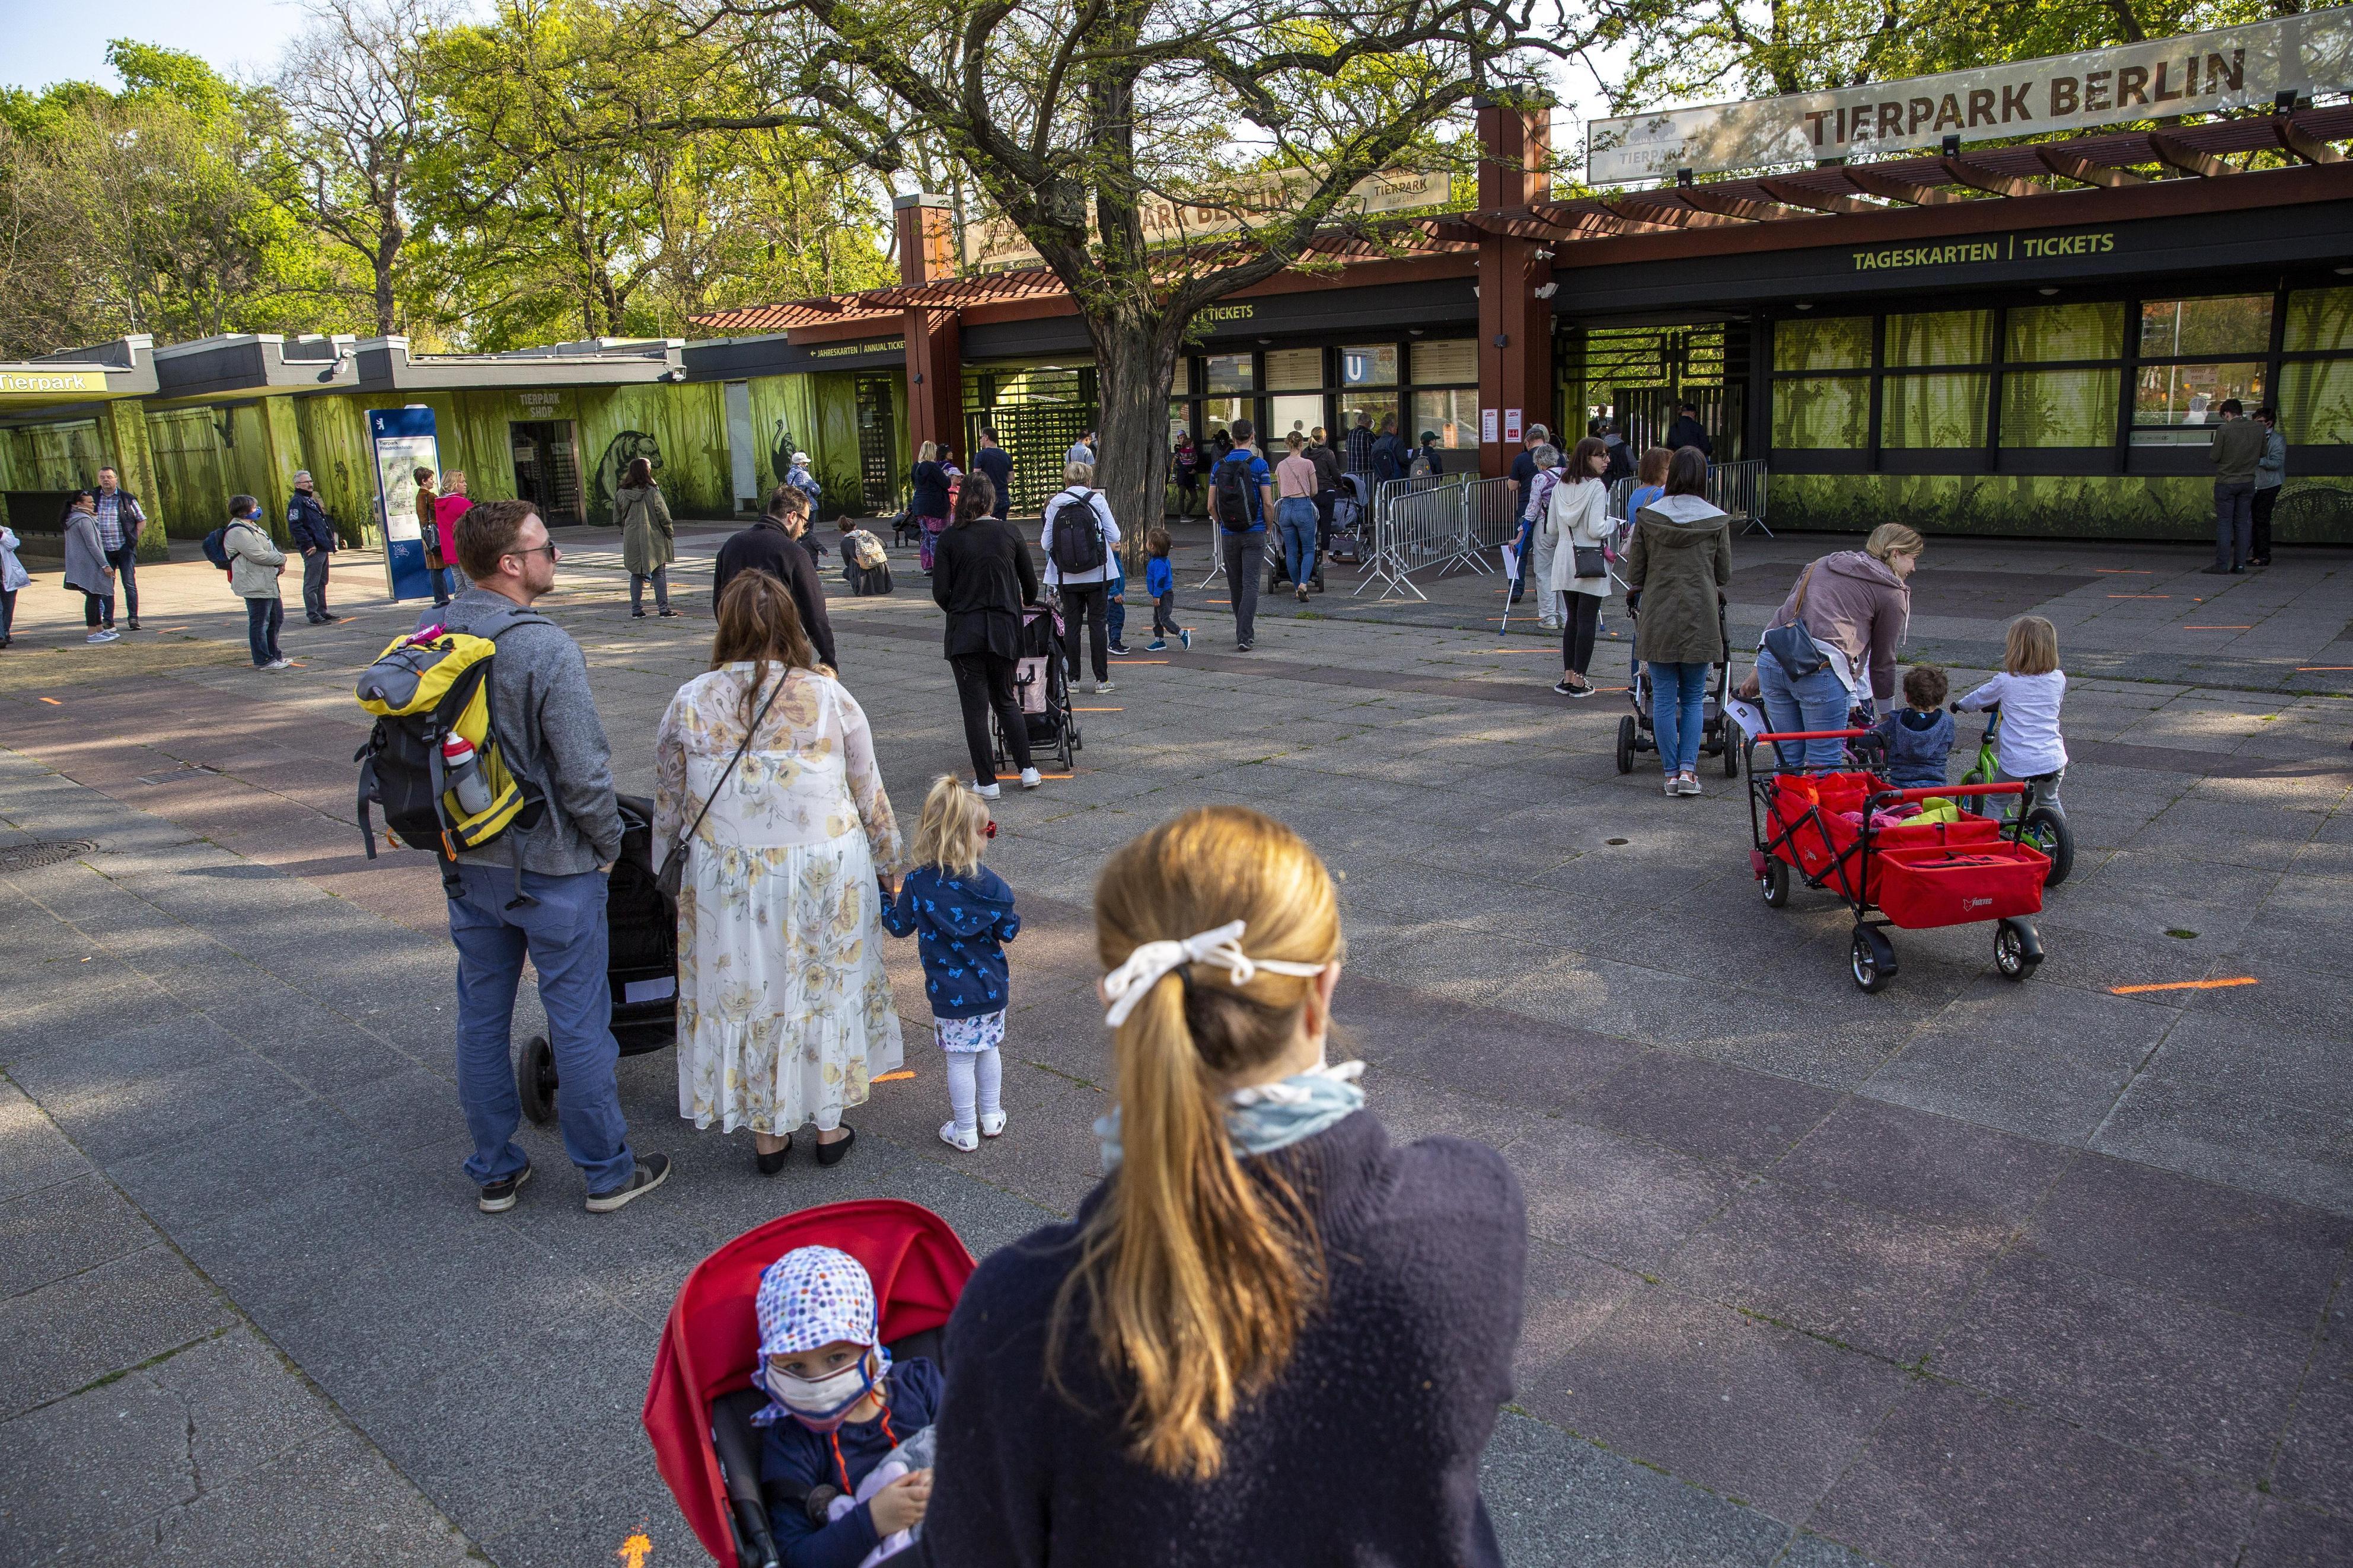 動物園の入り口で列をなす親子ら=28日、ベルリン(ゲッティ=共同)